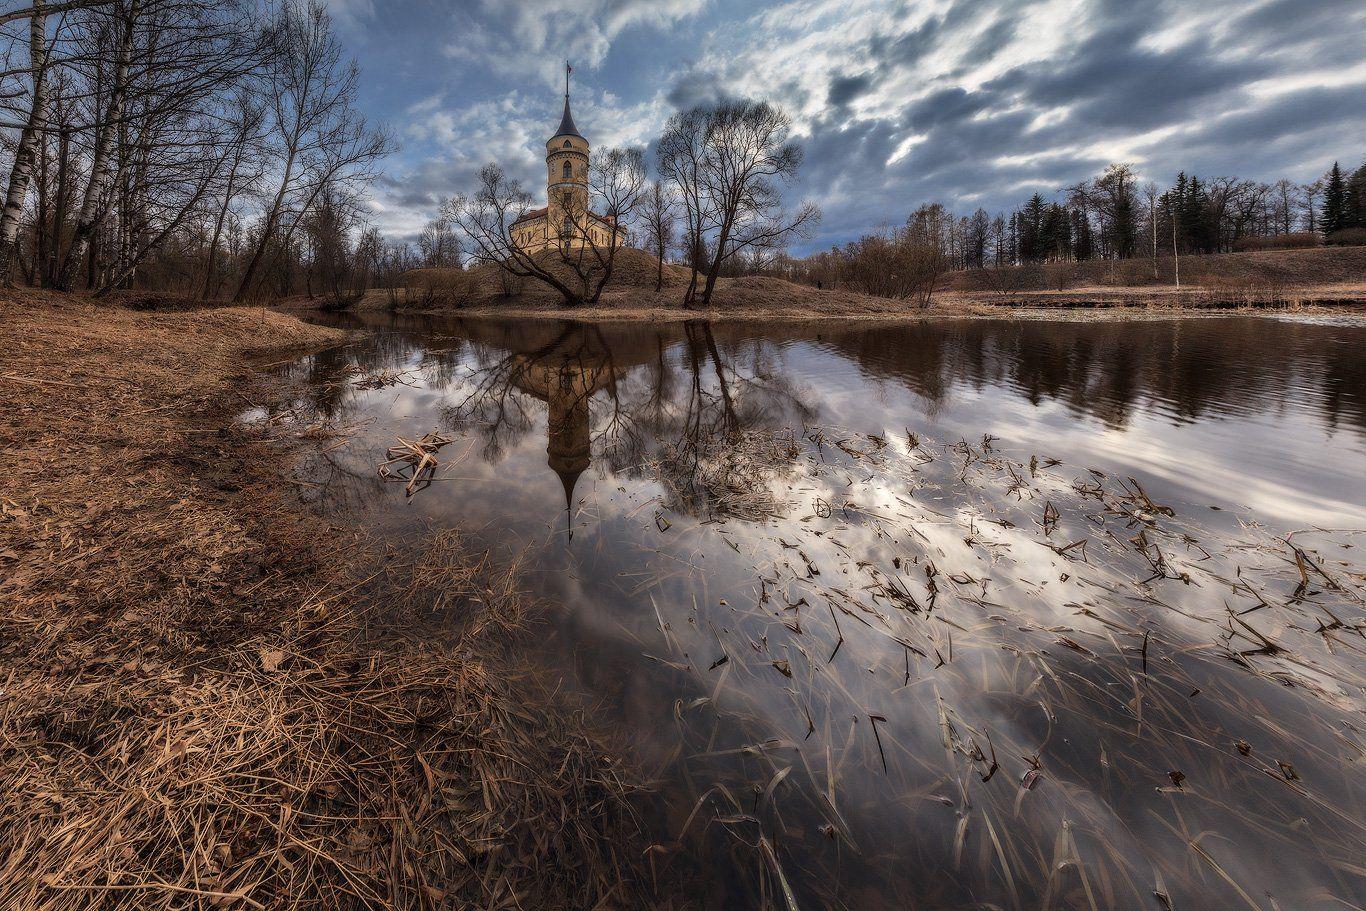 павловск, бип, россия, весна, панорама,, Илья Штром